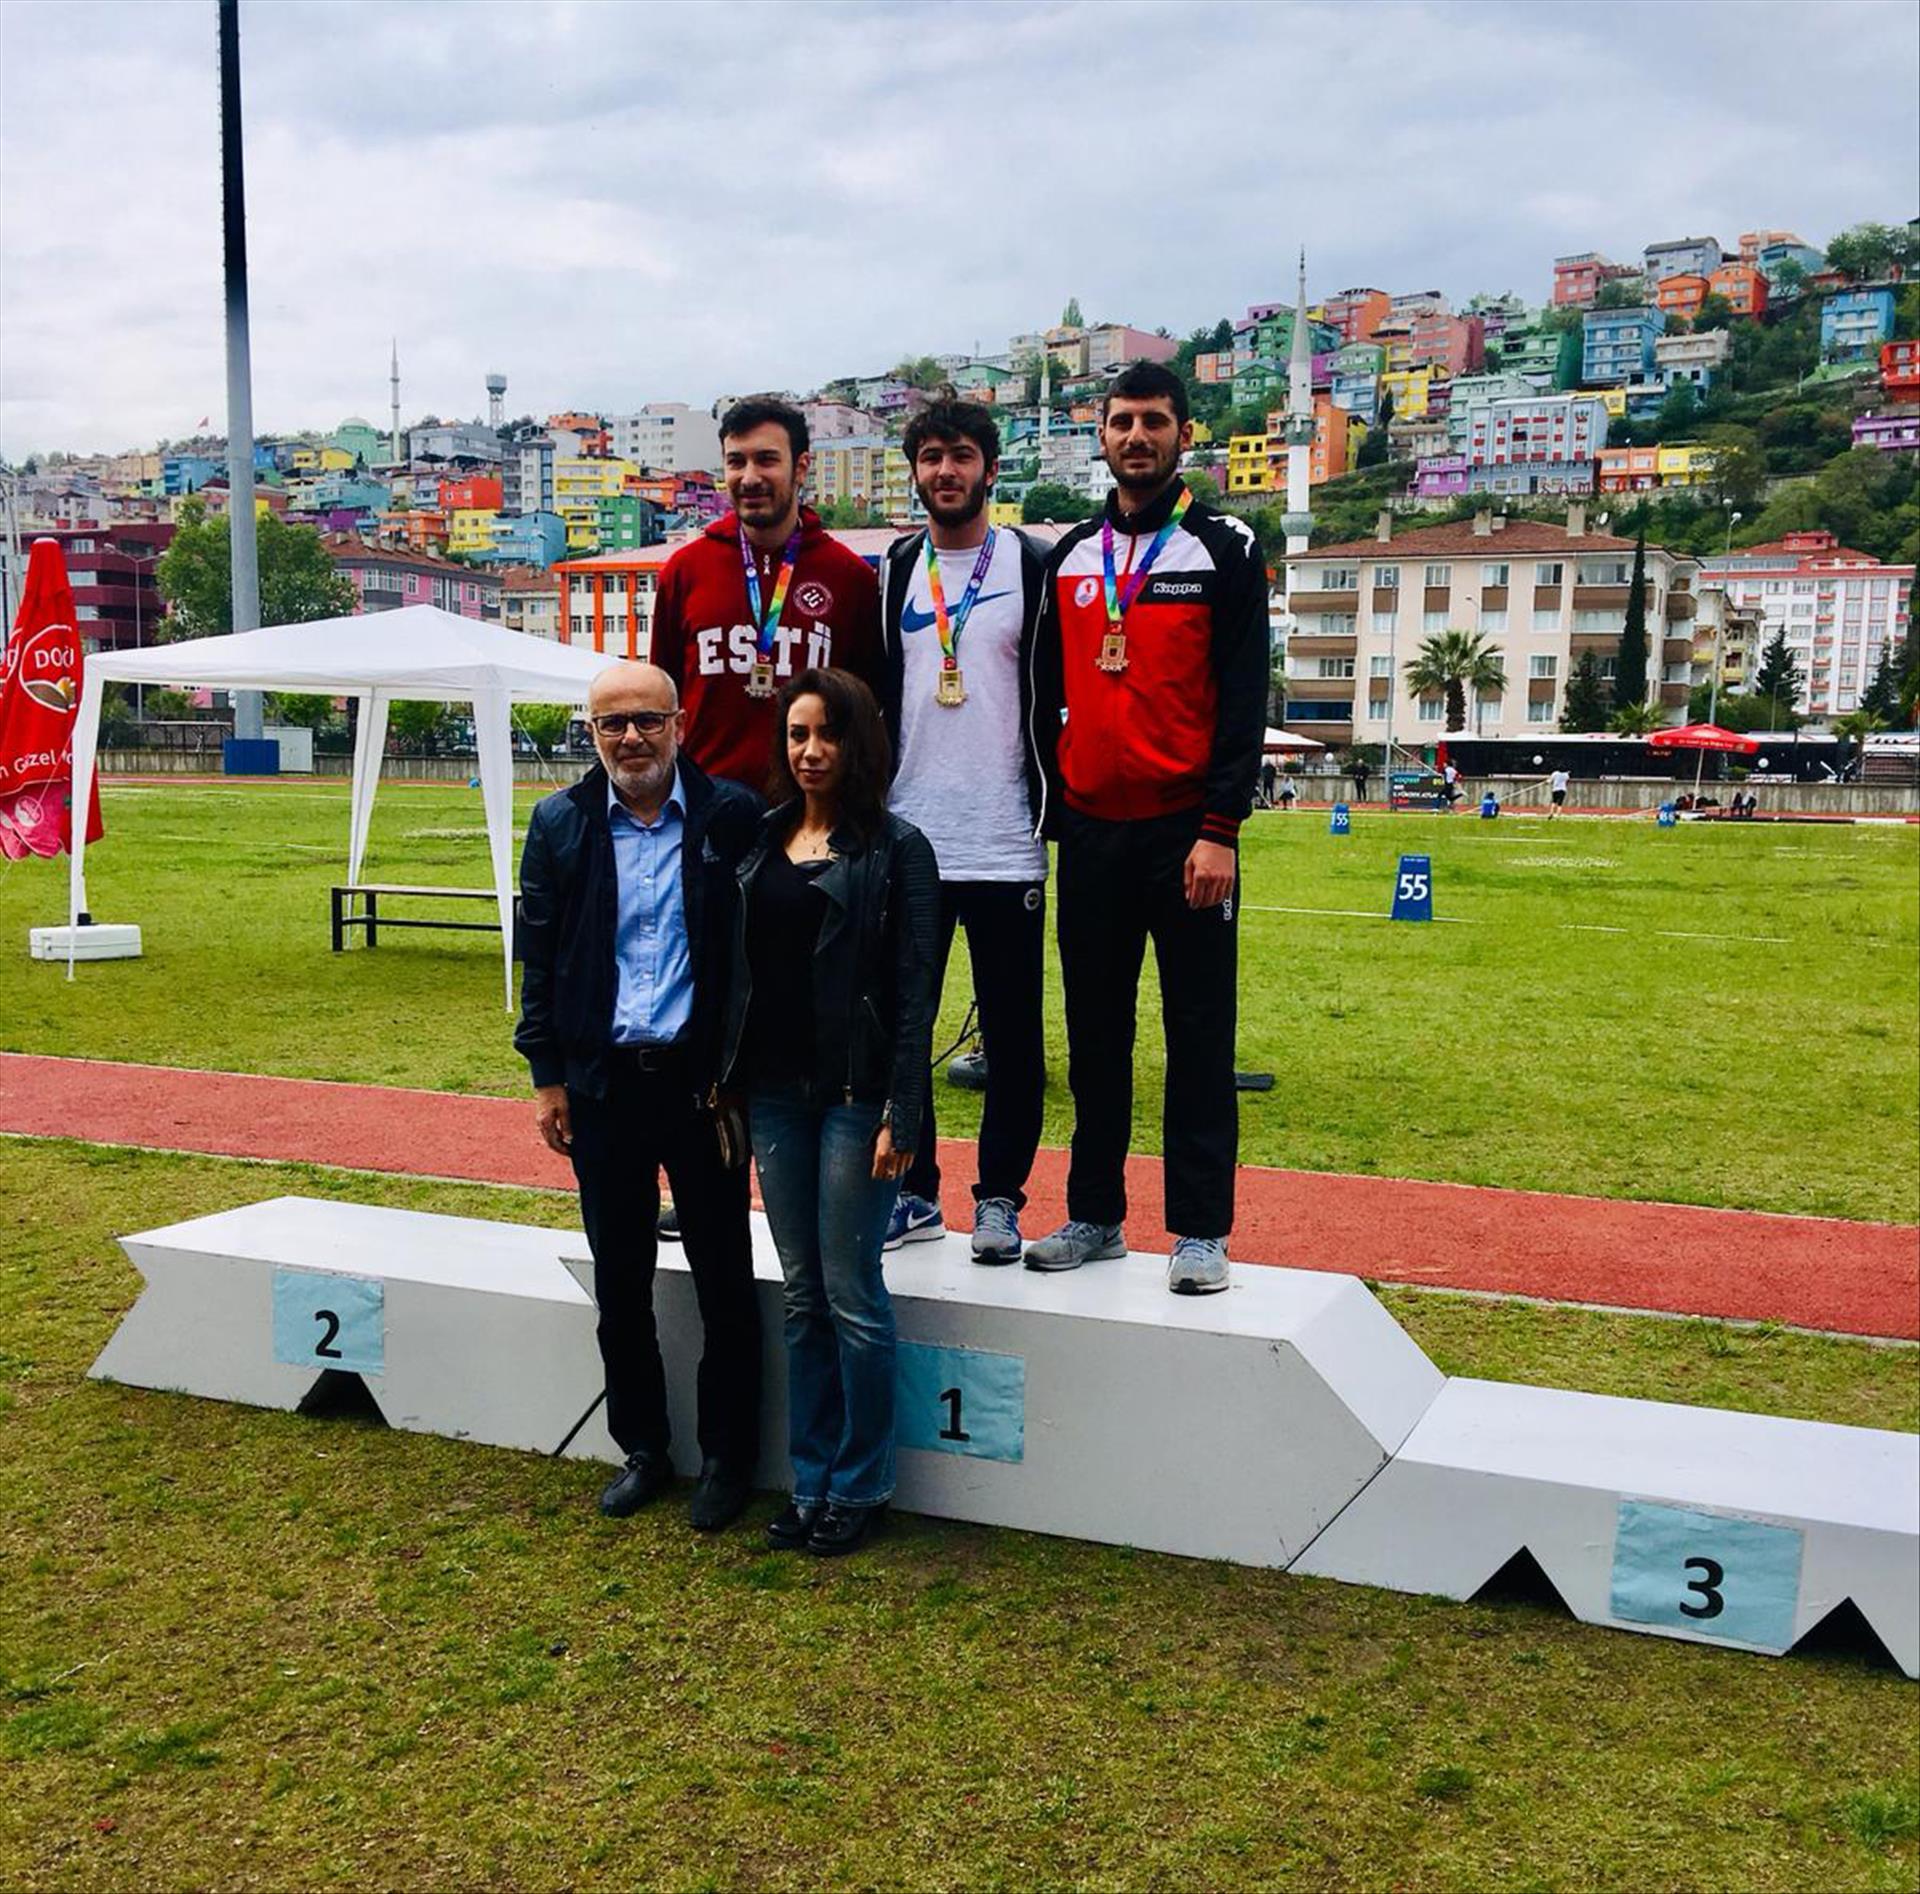 Öğrencilerimizden 16. Türkiye Koç Spor Fest Üniversite Oyunlarında Önemli Başarı